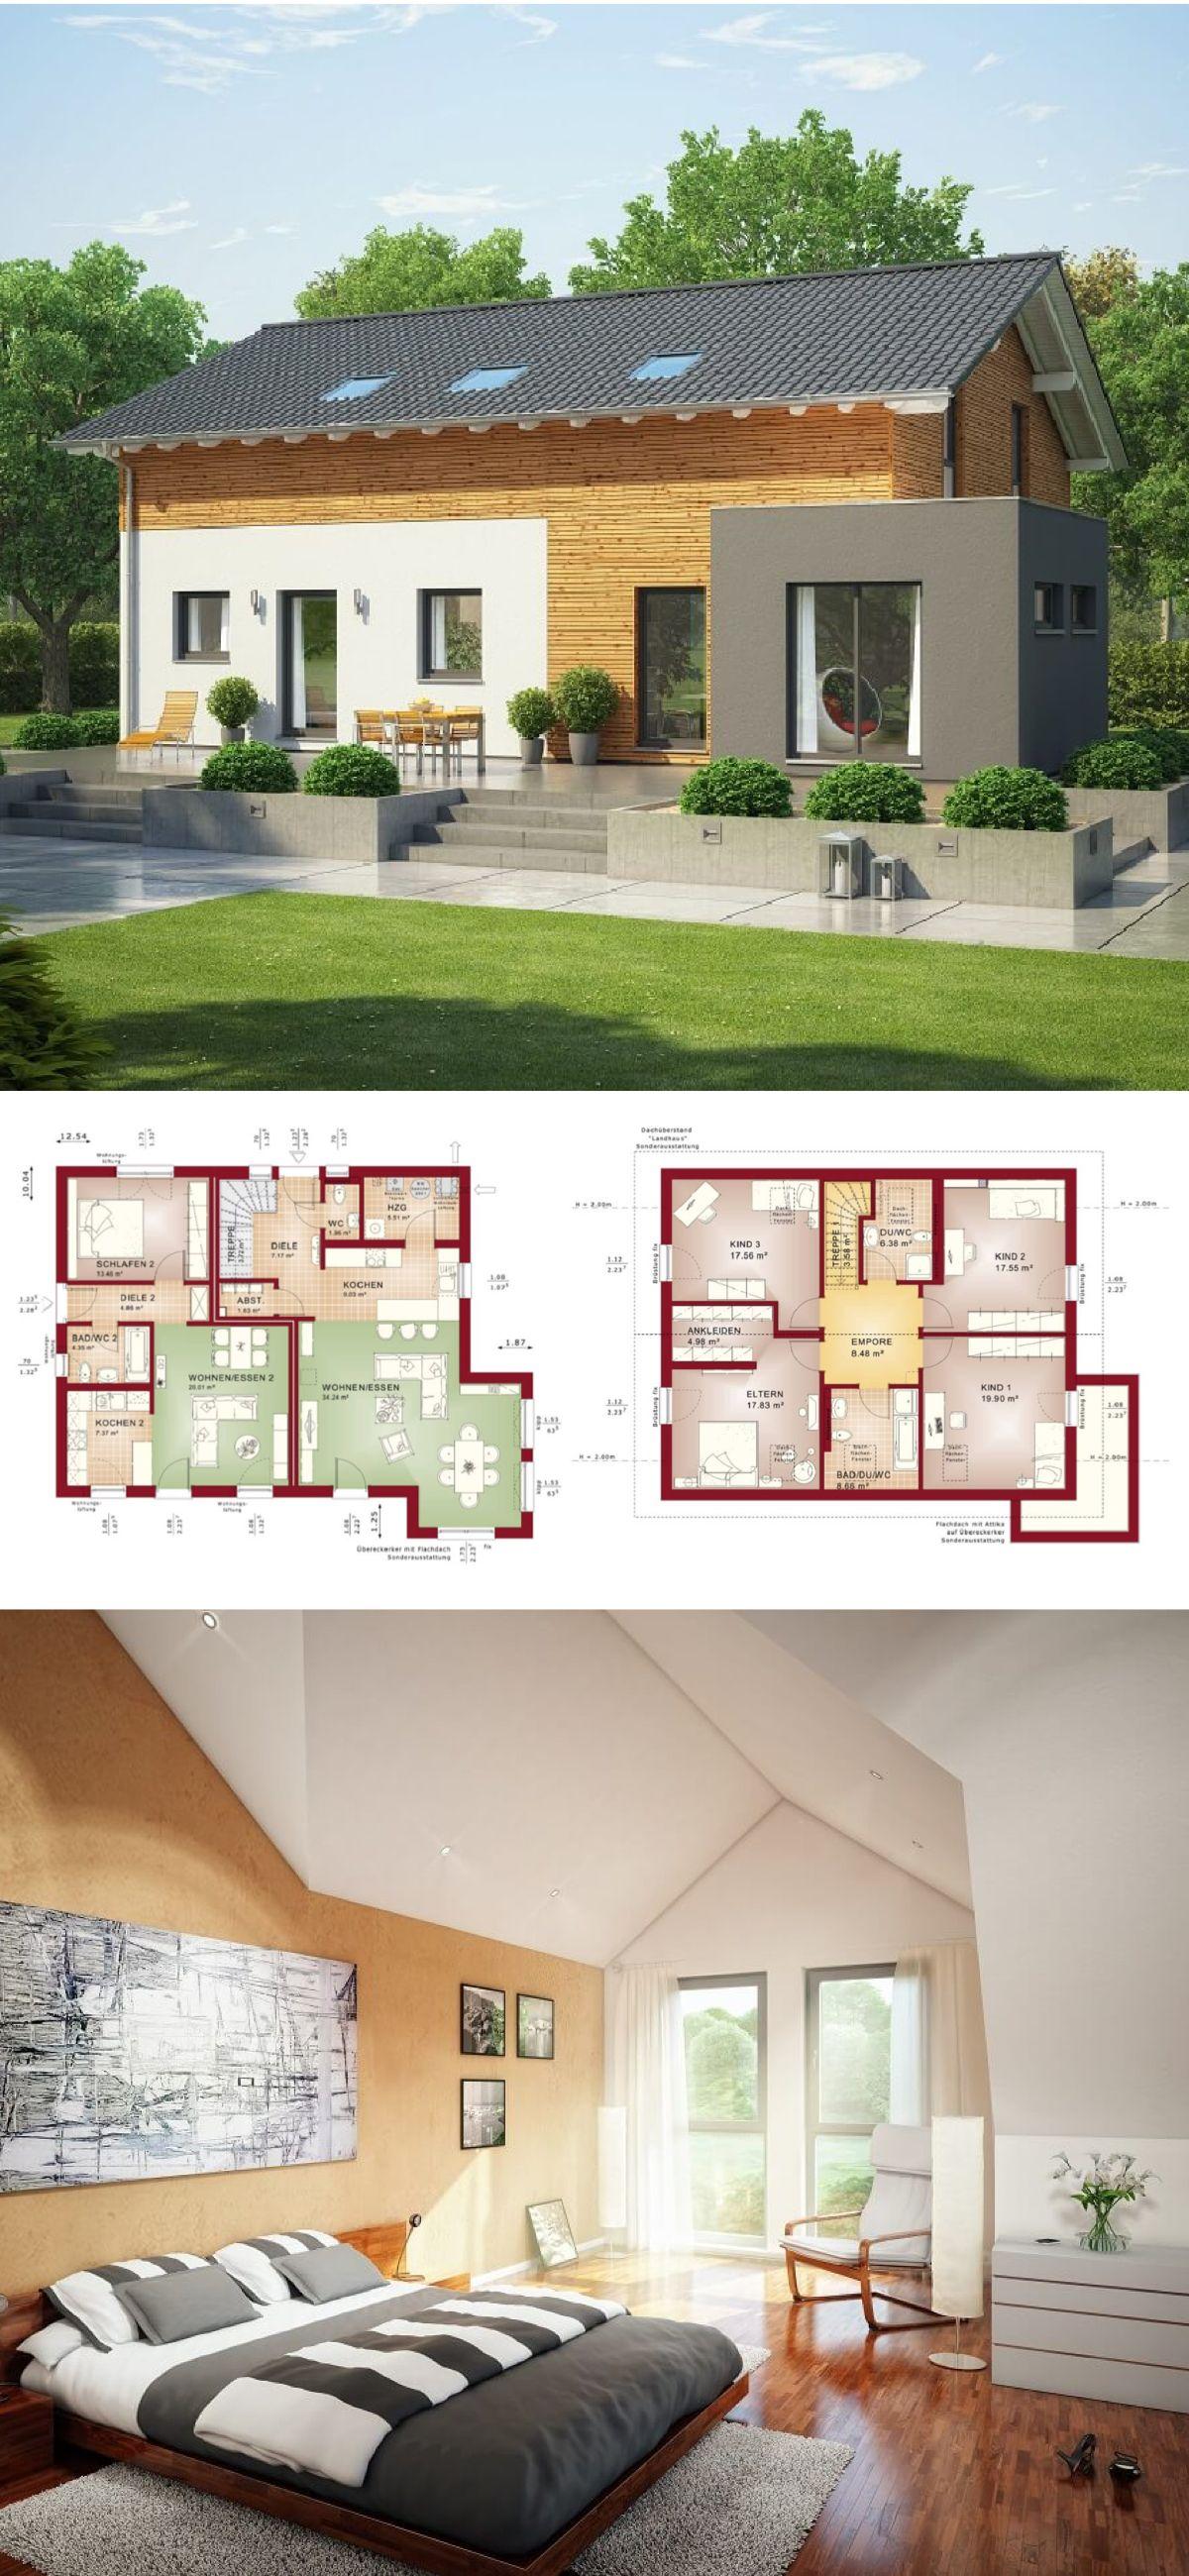 Modernes einfamilienhaus mit einliegerwohnung holz for Modernes einfamilienhaus grundriss